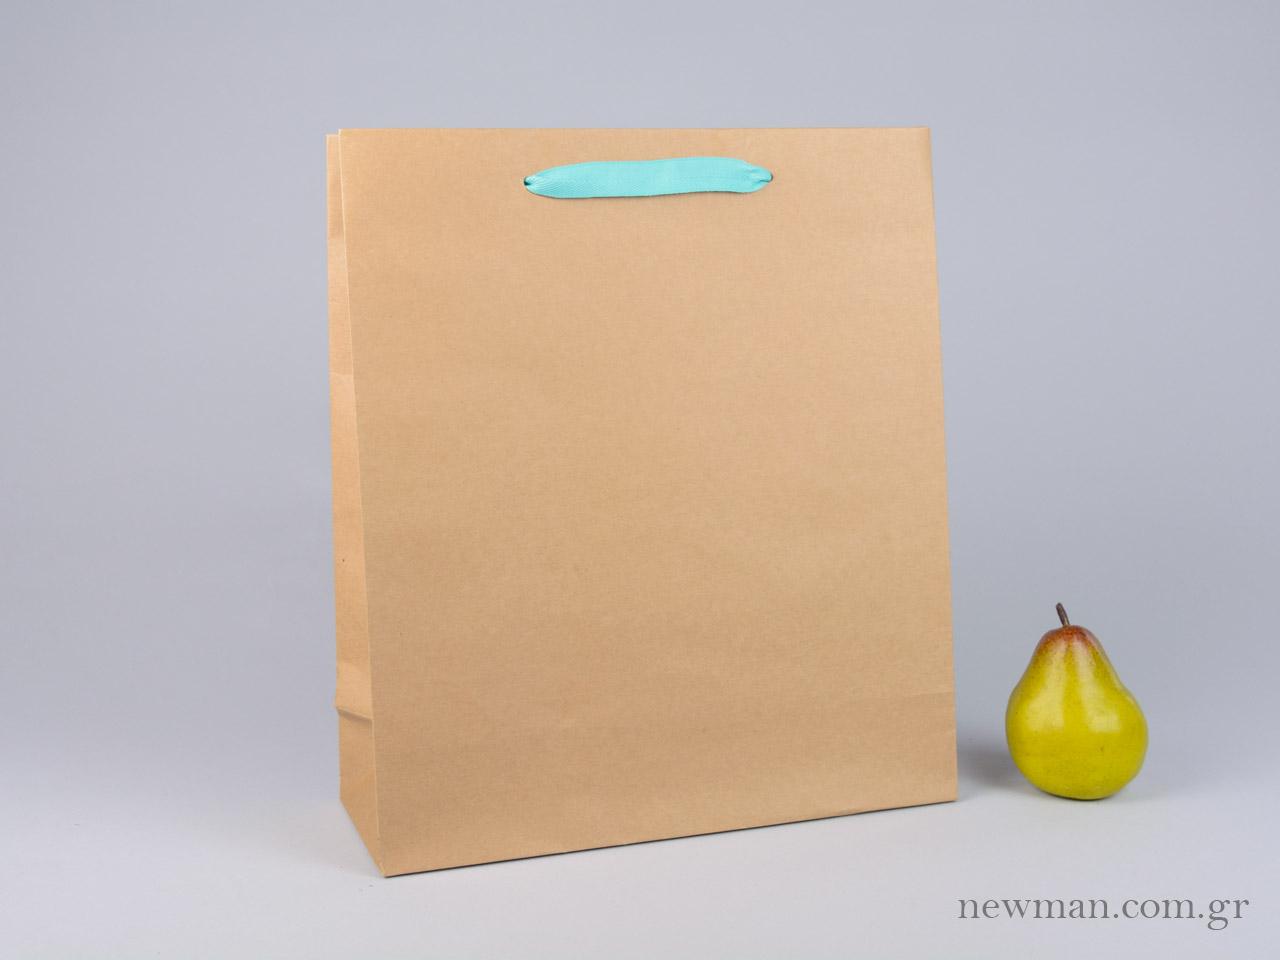 Bags - Sacks